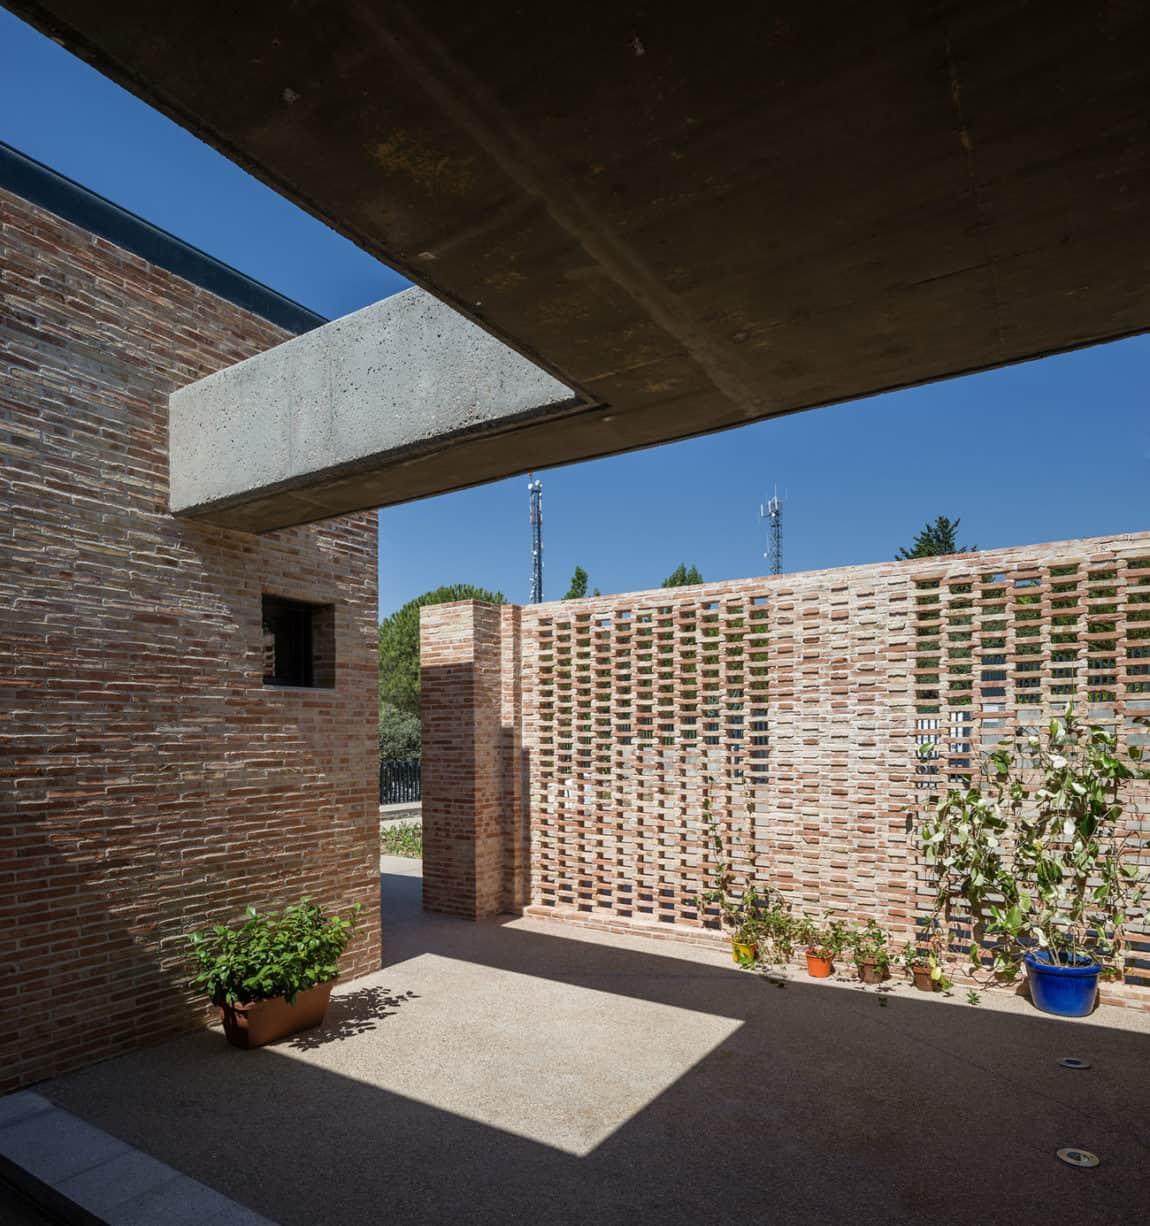 Single-Family Brick House by Mariano Molina Iniesta (3)